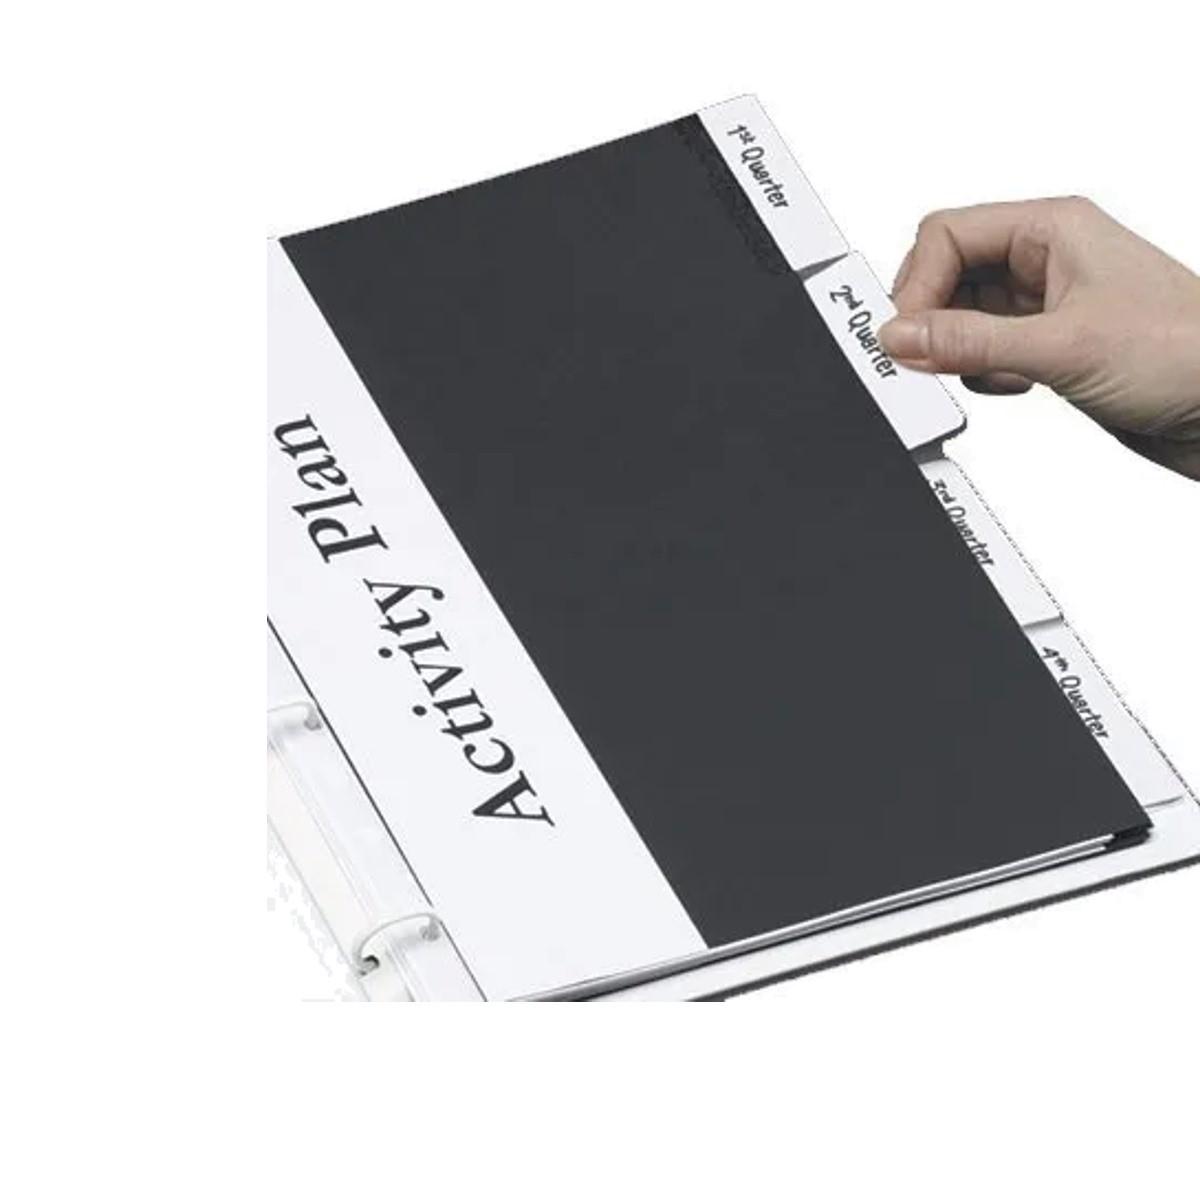 Marcador Páginas Index Tabs Impresso Branco 0 - 31 72 Unds